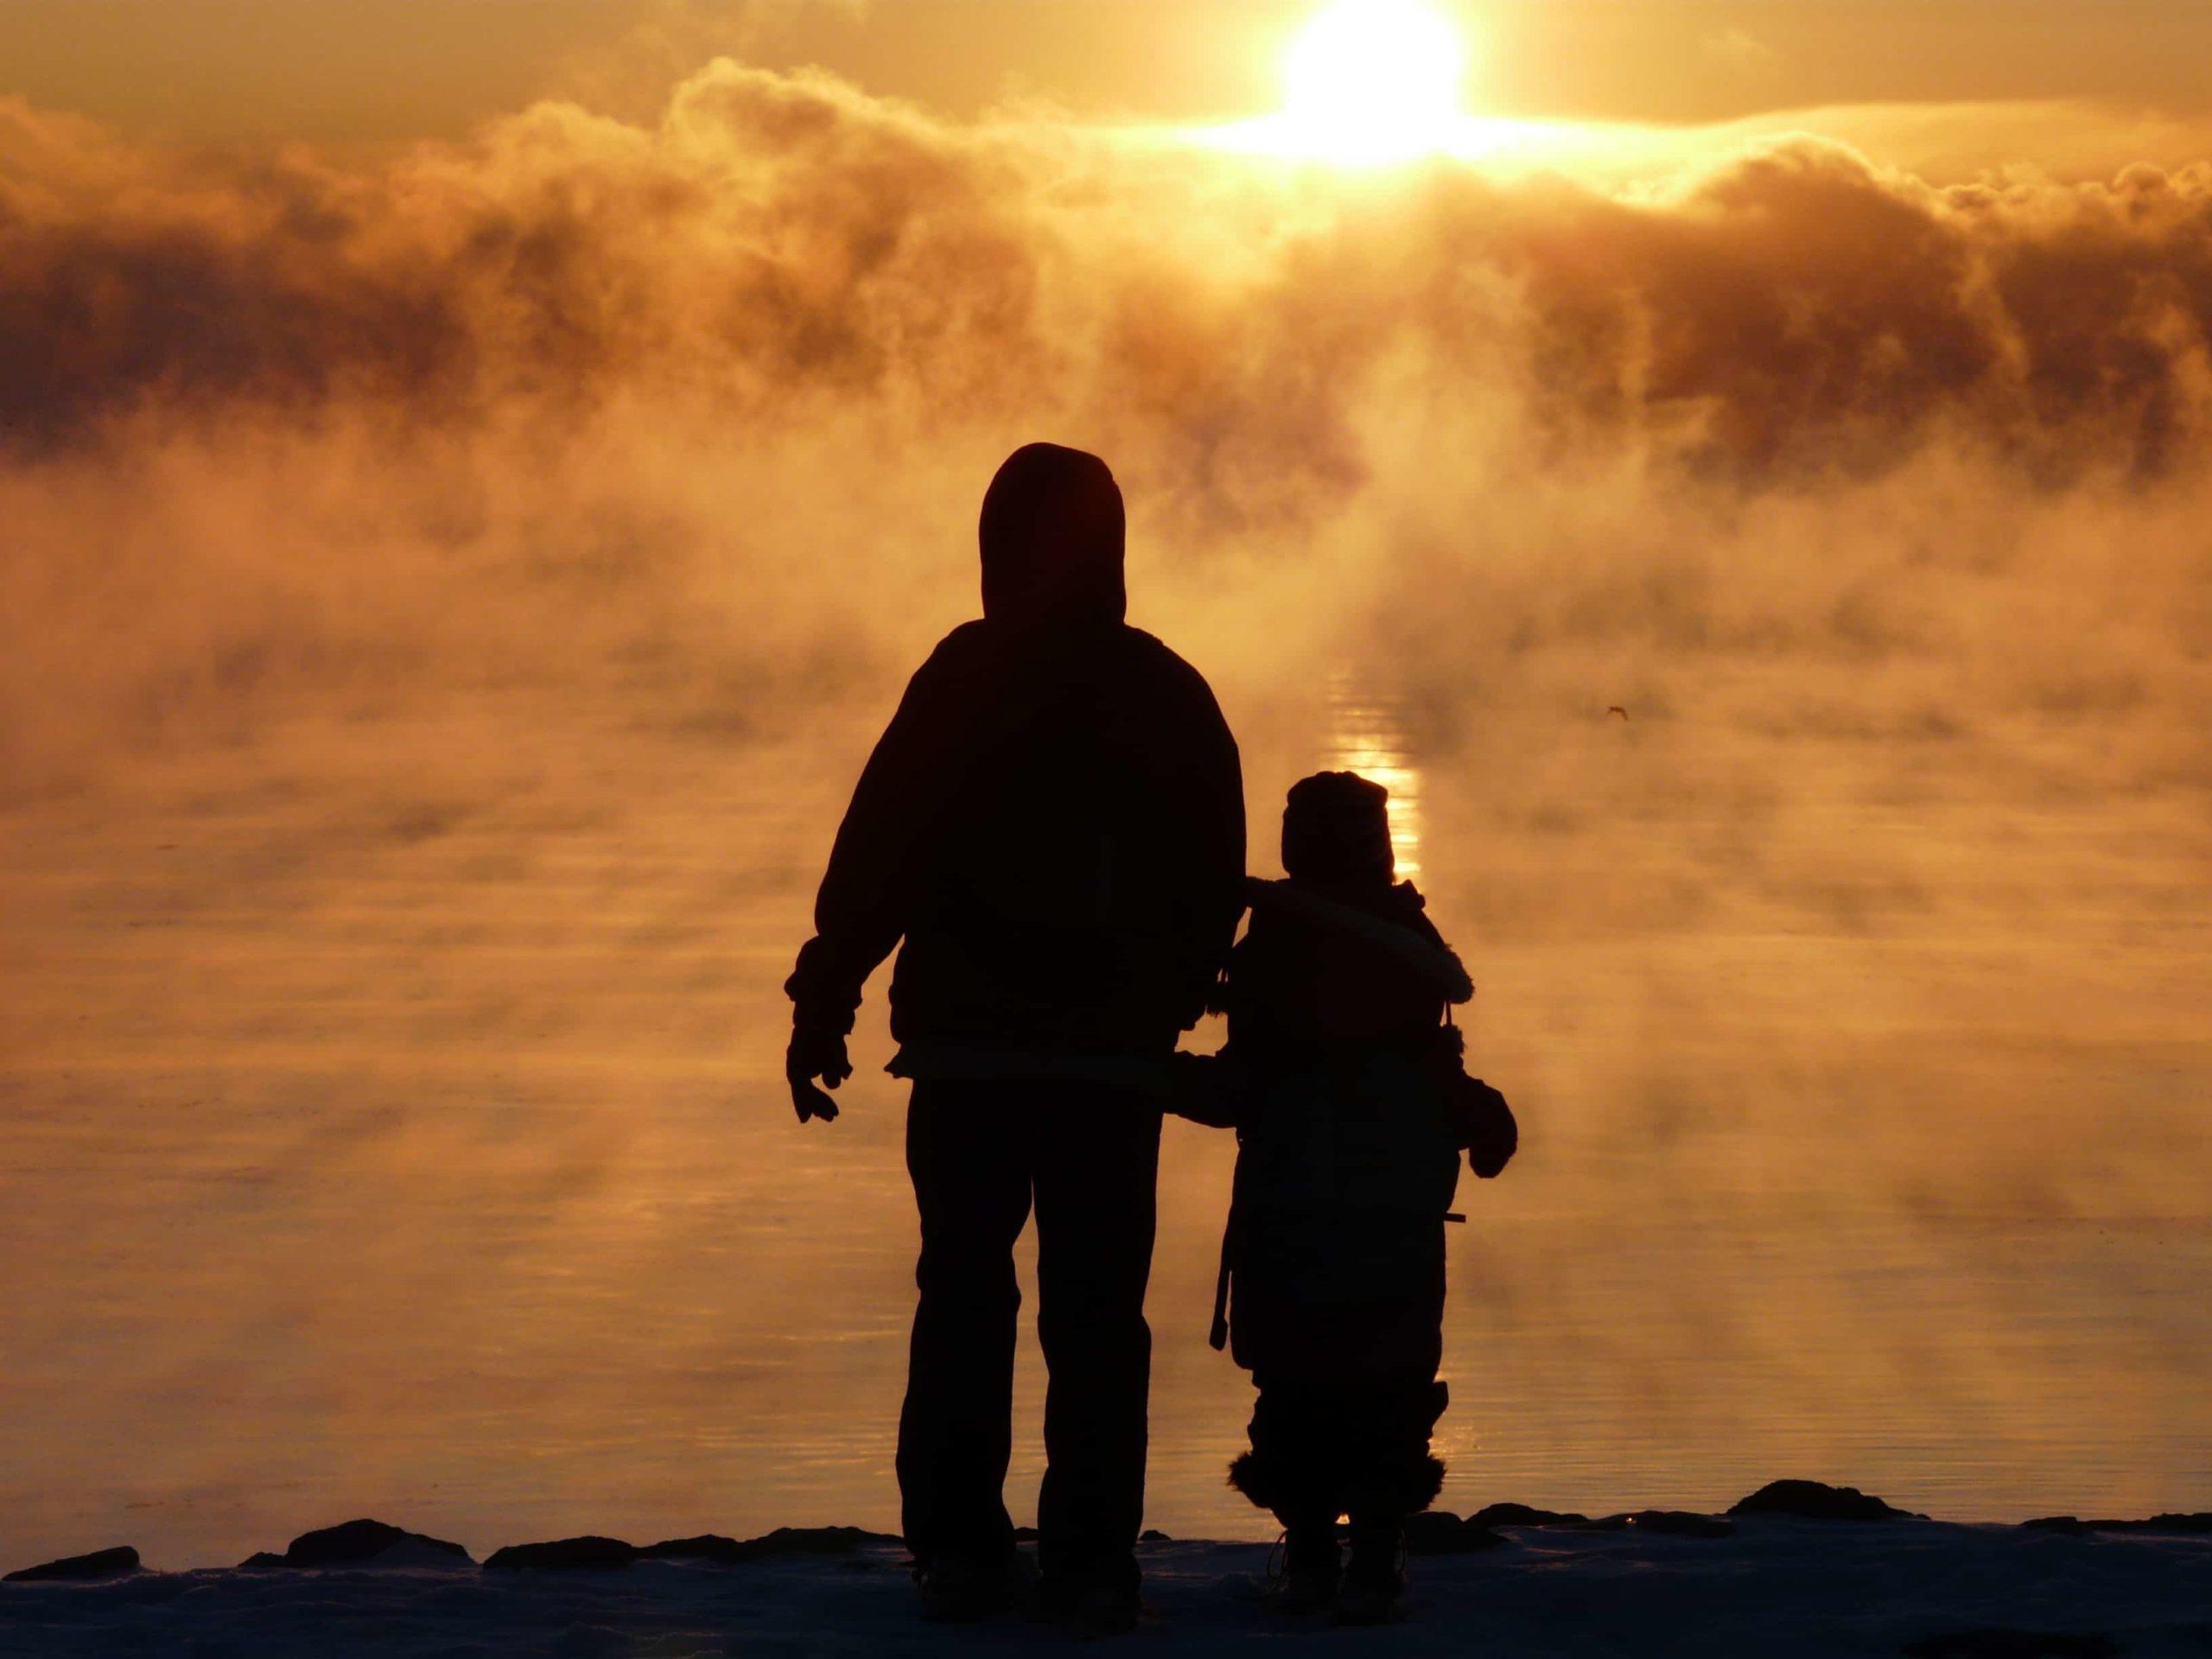 日に照らされた父親と息子の影